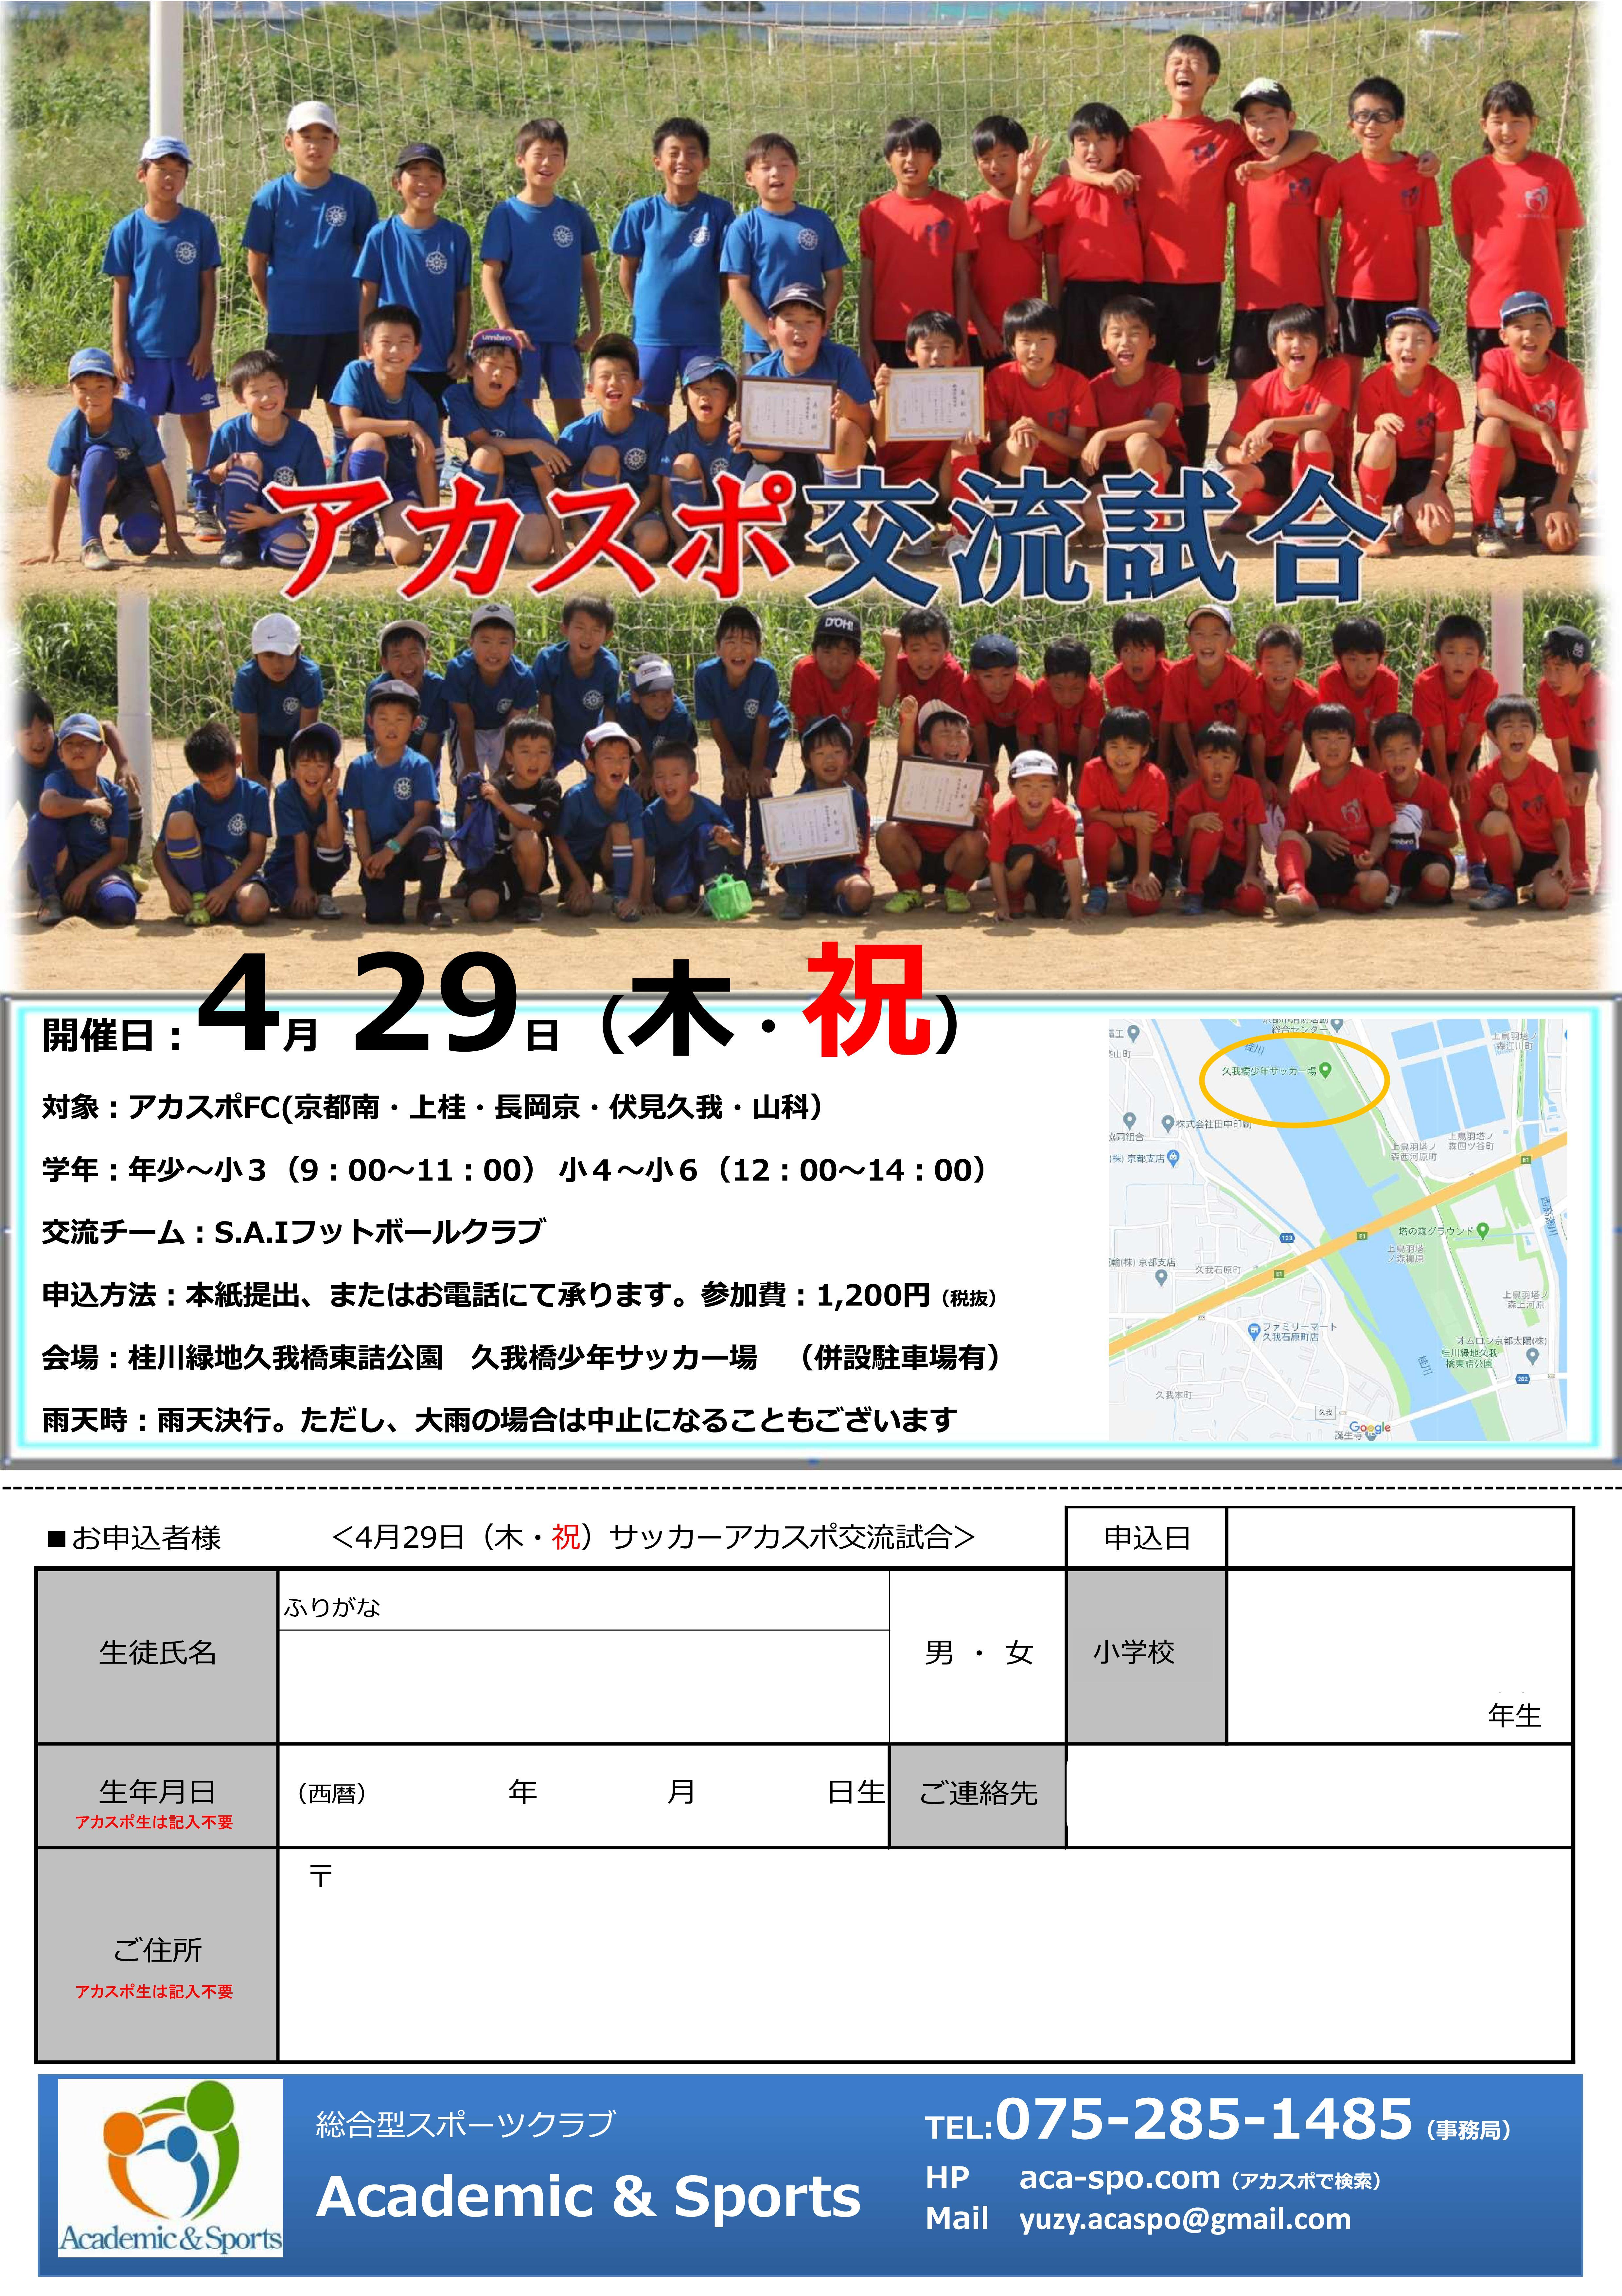 【サッカースクール】交流試合